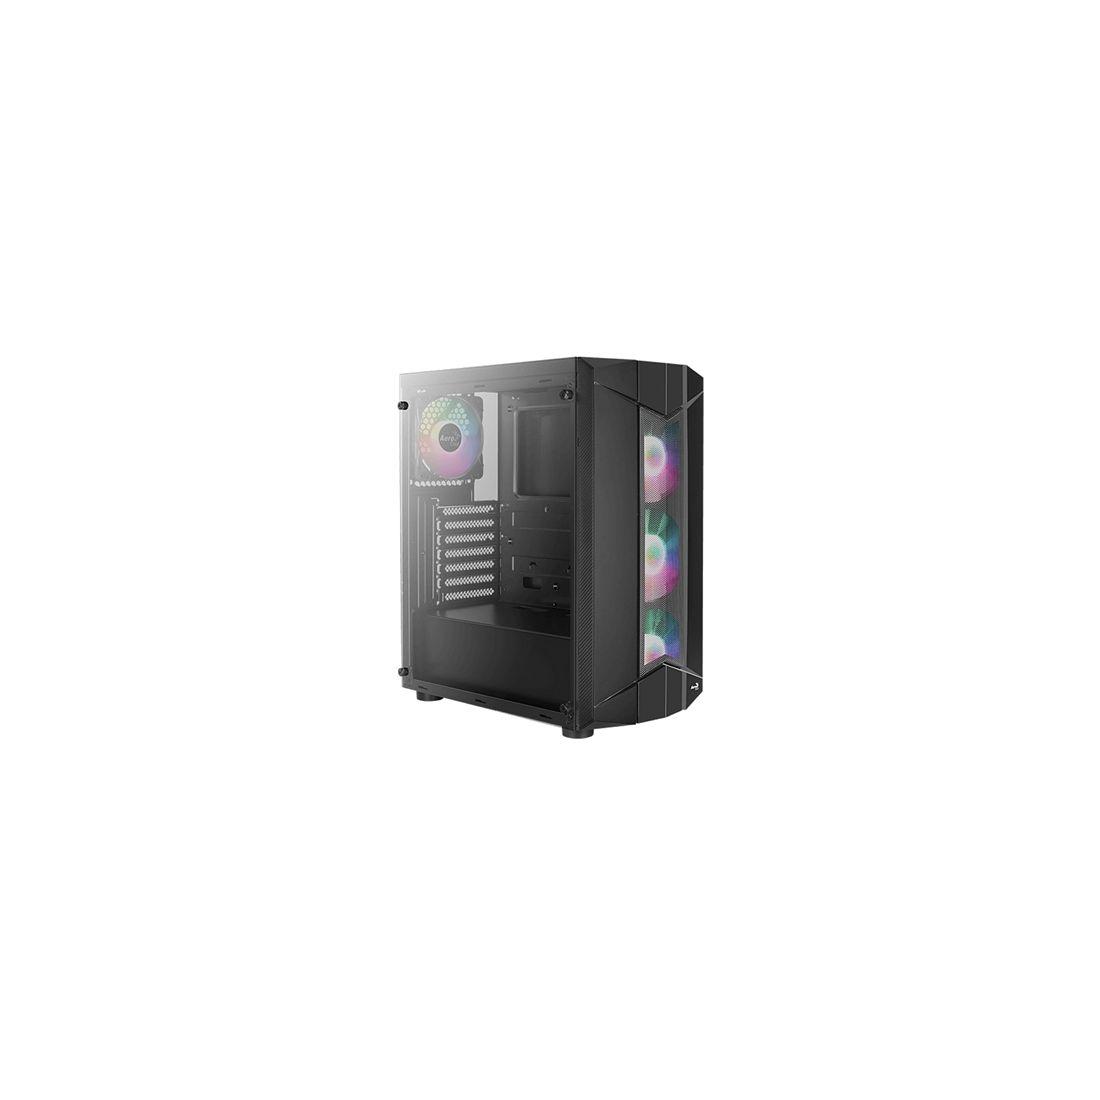 Aerocool Caja SENTINEL Ctemp v 4X 120MM ARGB